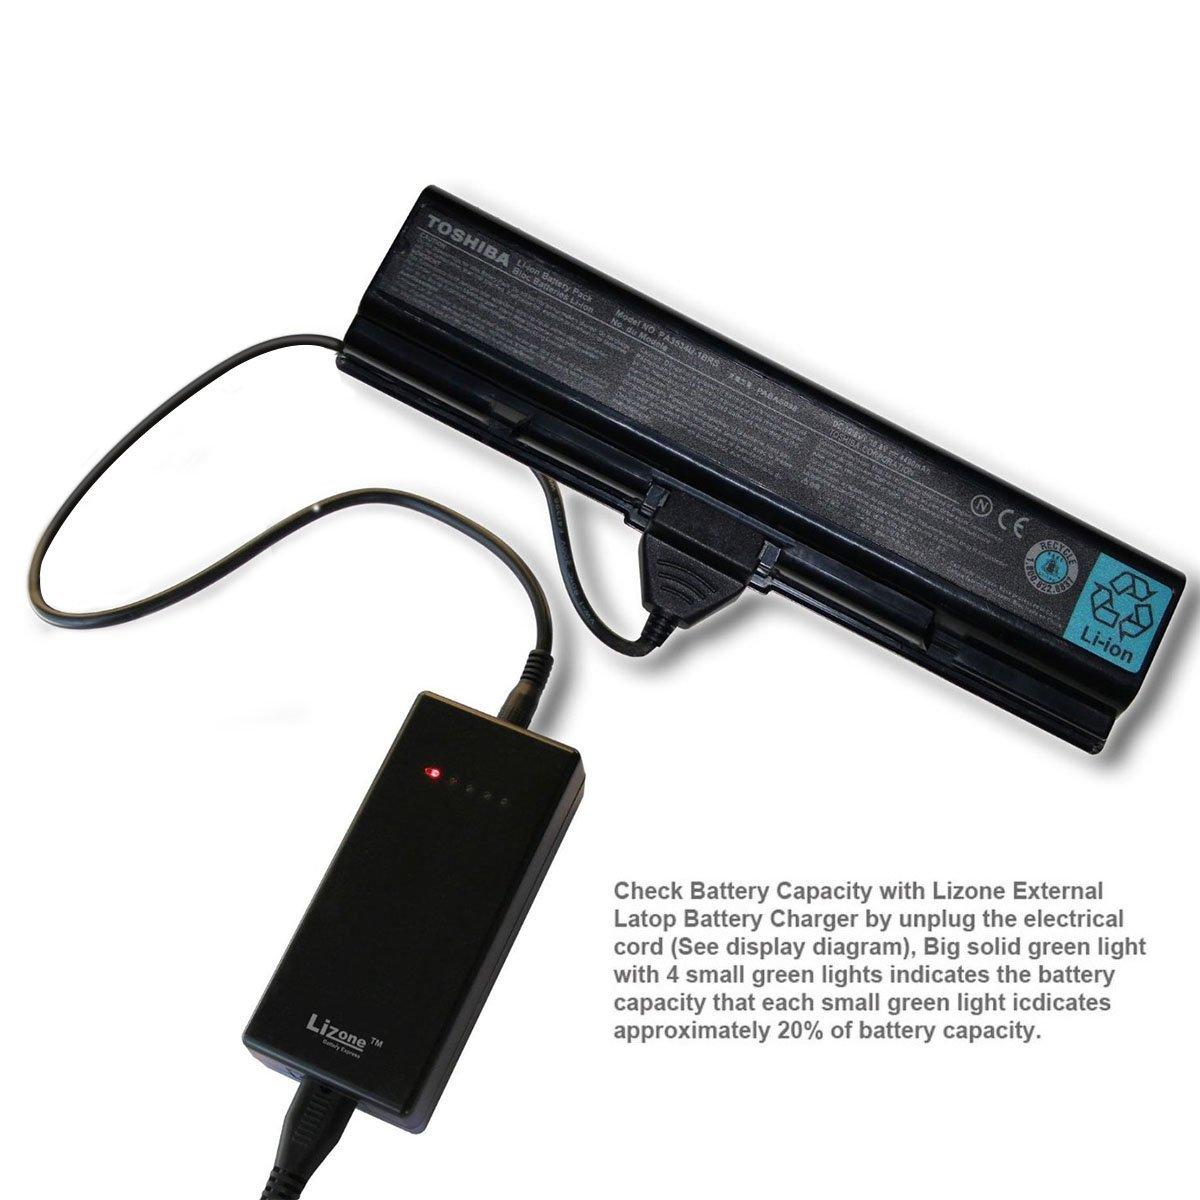 Cheap 11 Pa Find Deals On Line At Alibabacom Wiring Diagram For Gateway Laptop Battery Get Quotations Lizone External Charger Toshiba Pa3534u Pa3535u Pa3634u Pa3635 Pa5023u Pa5024u Pa5025u Pabas 117